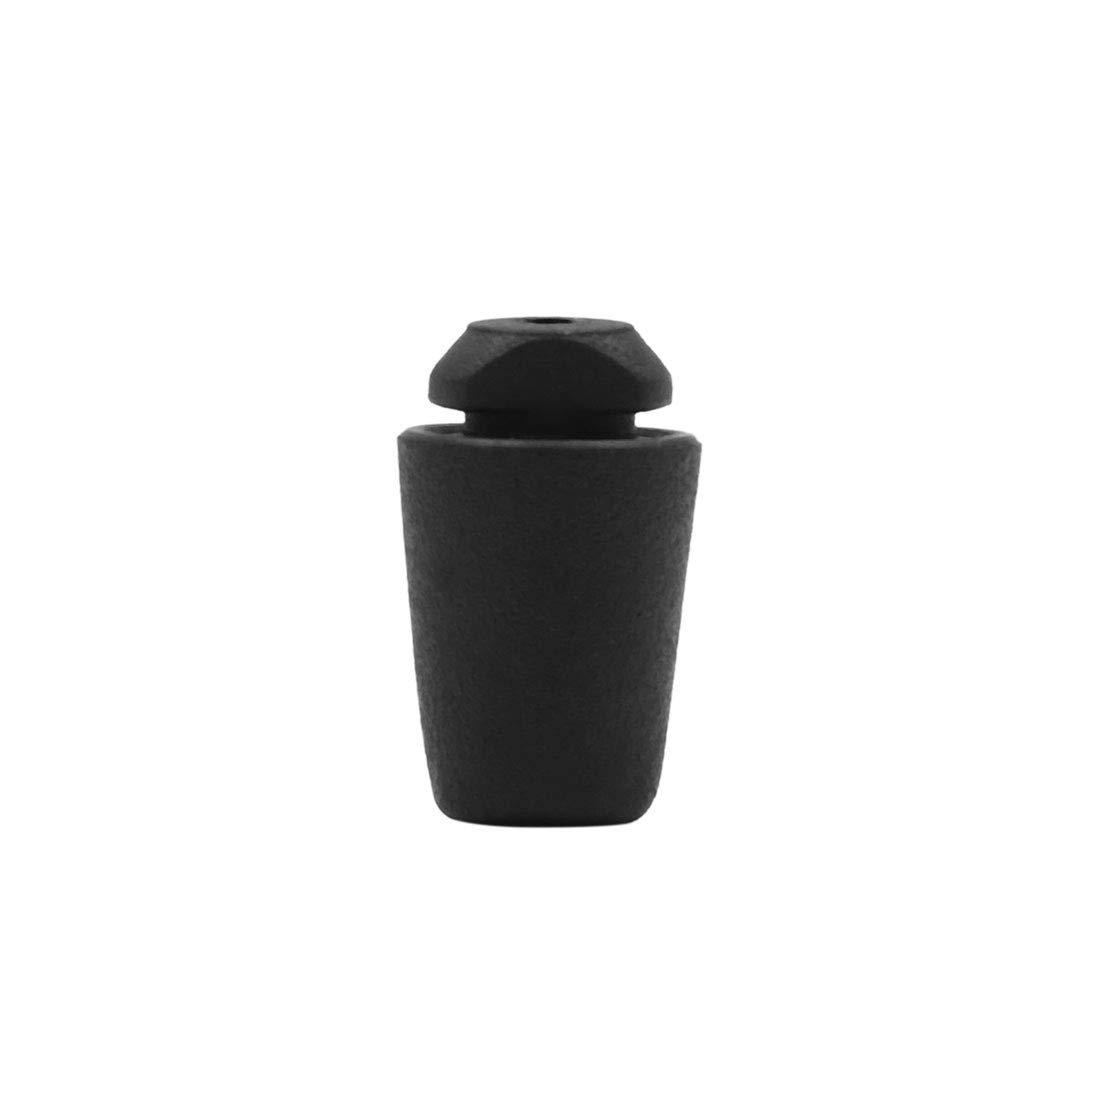 X AUTOHAUX Buffer Mount Rubber Block Absorber for Car Door Trunk Hood 16 x 26.5mm 10pcs